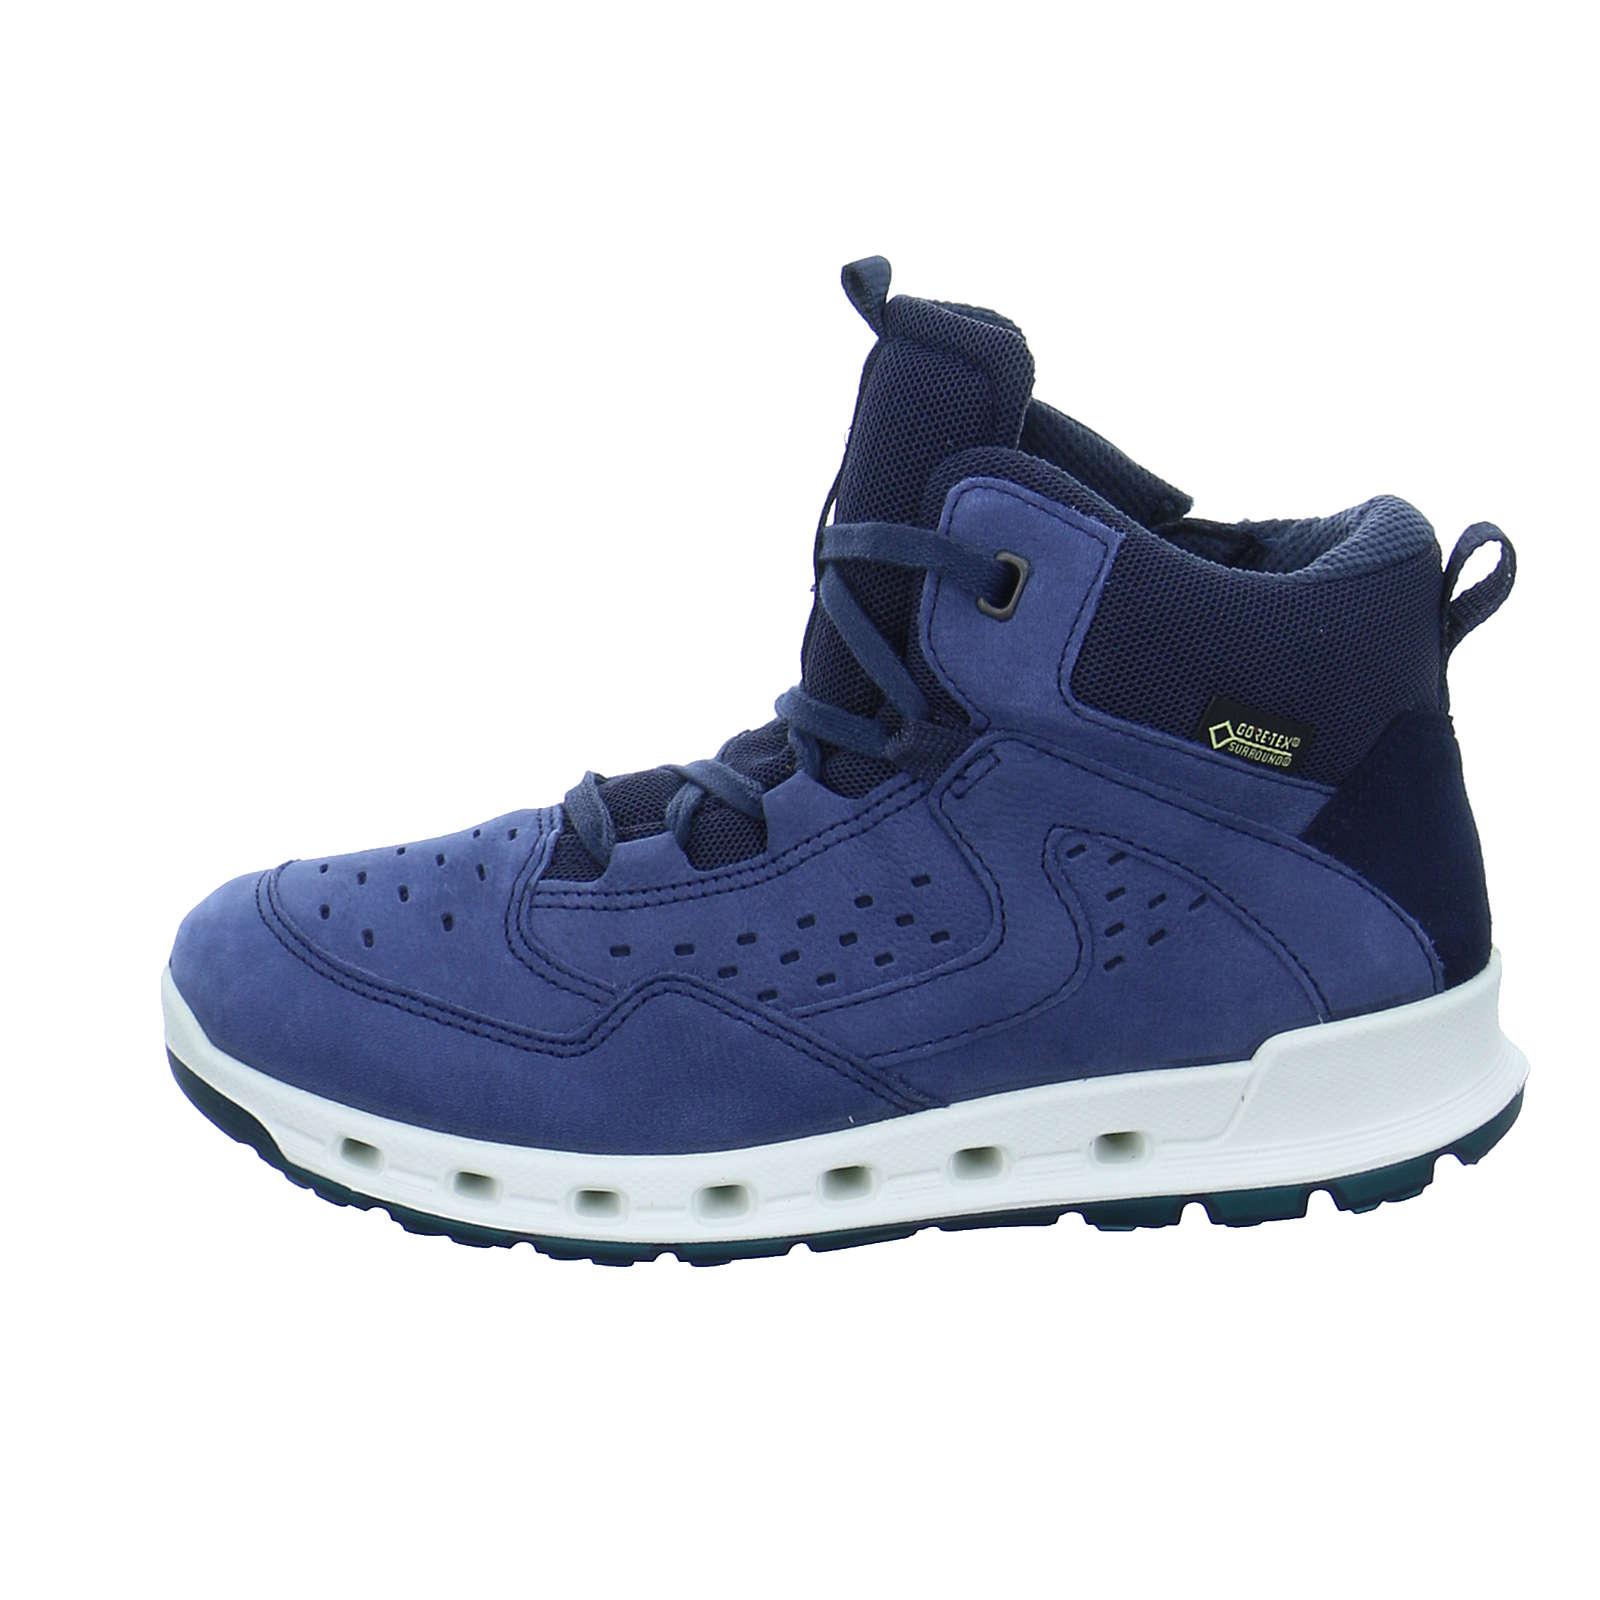 ecco Sneakers Hight für Jungen blau Junge Gr. 30